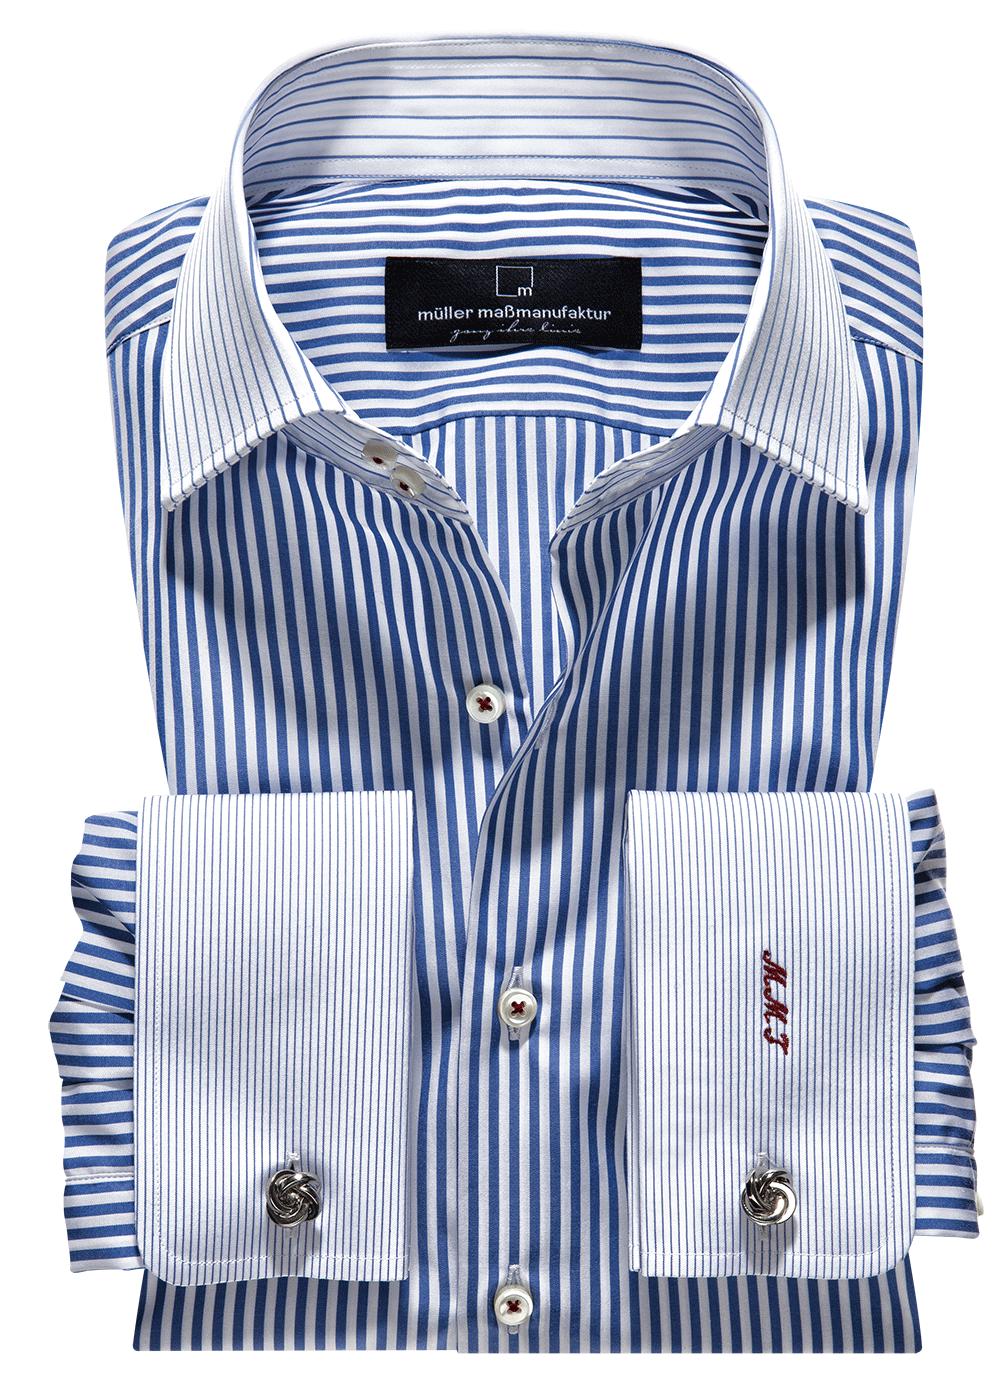 Maßhemden und –blusen aus unterschiedlichen Mustern zu kombinieren liegt voll im Trend.